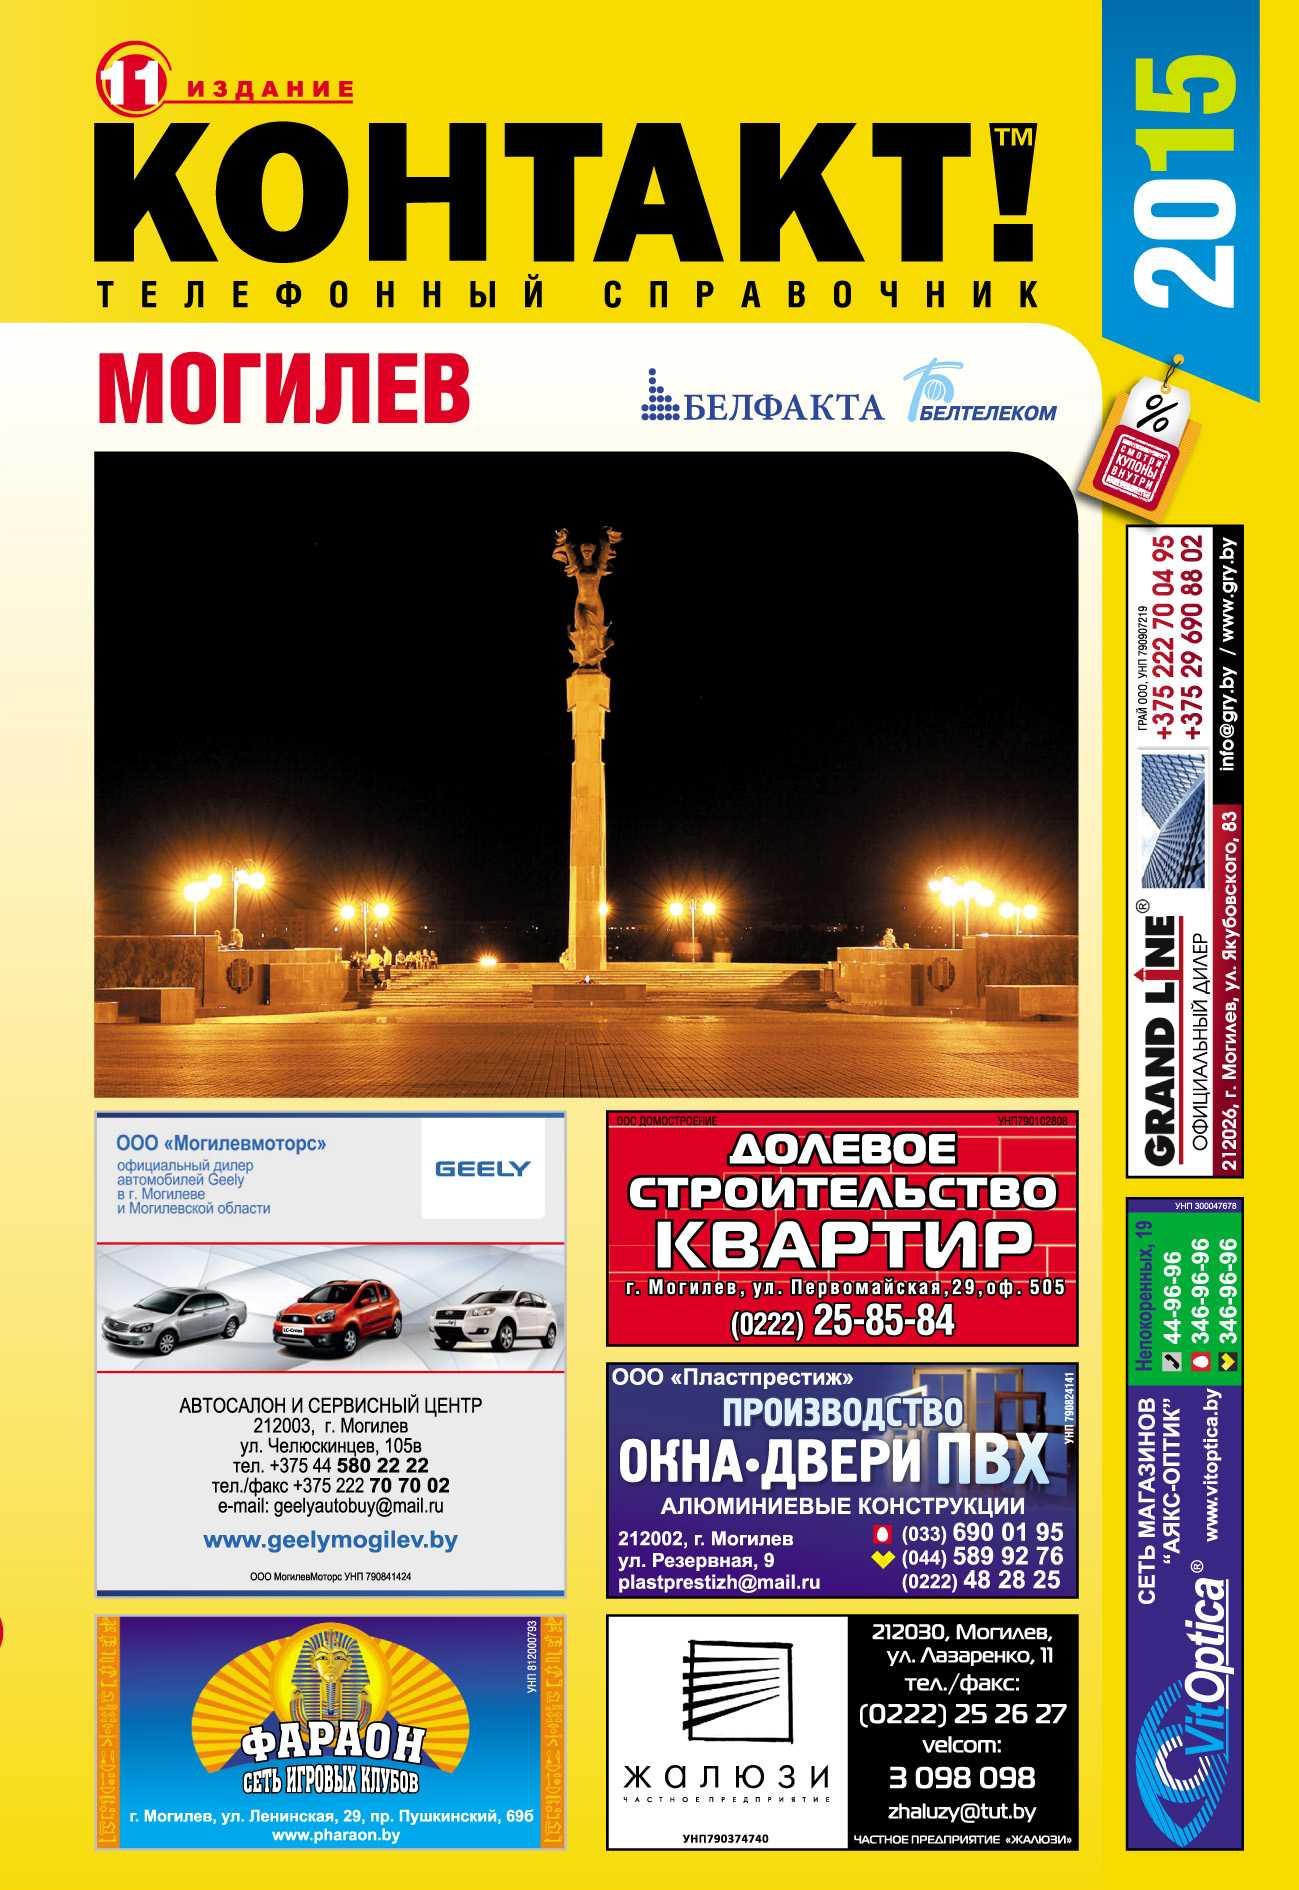 КОНТАКТ! Могилев — телефонный справочник г. Могилев